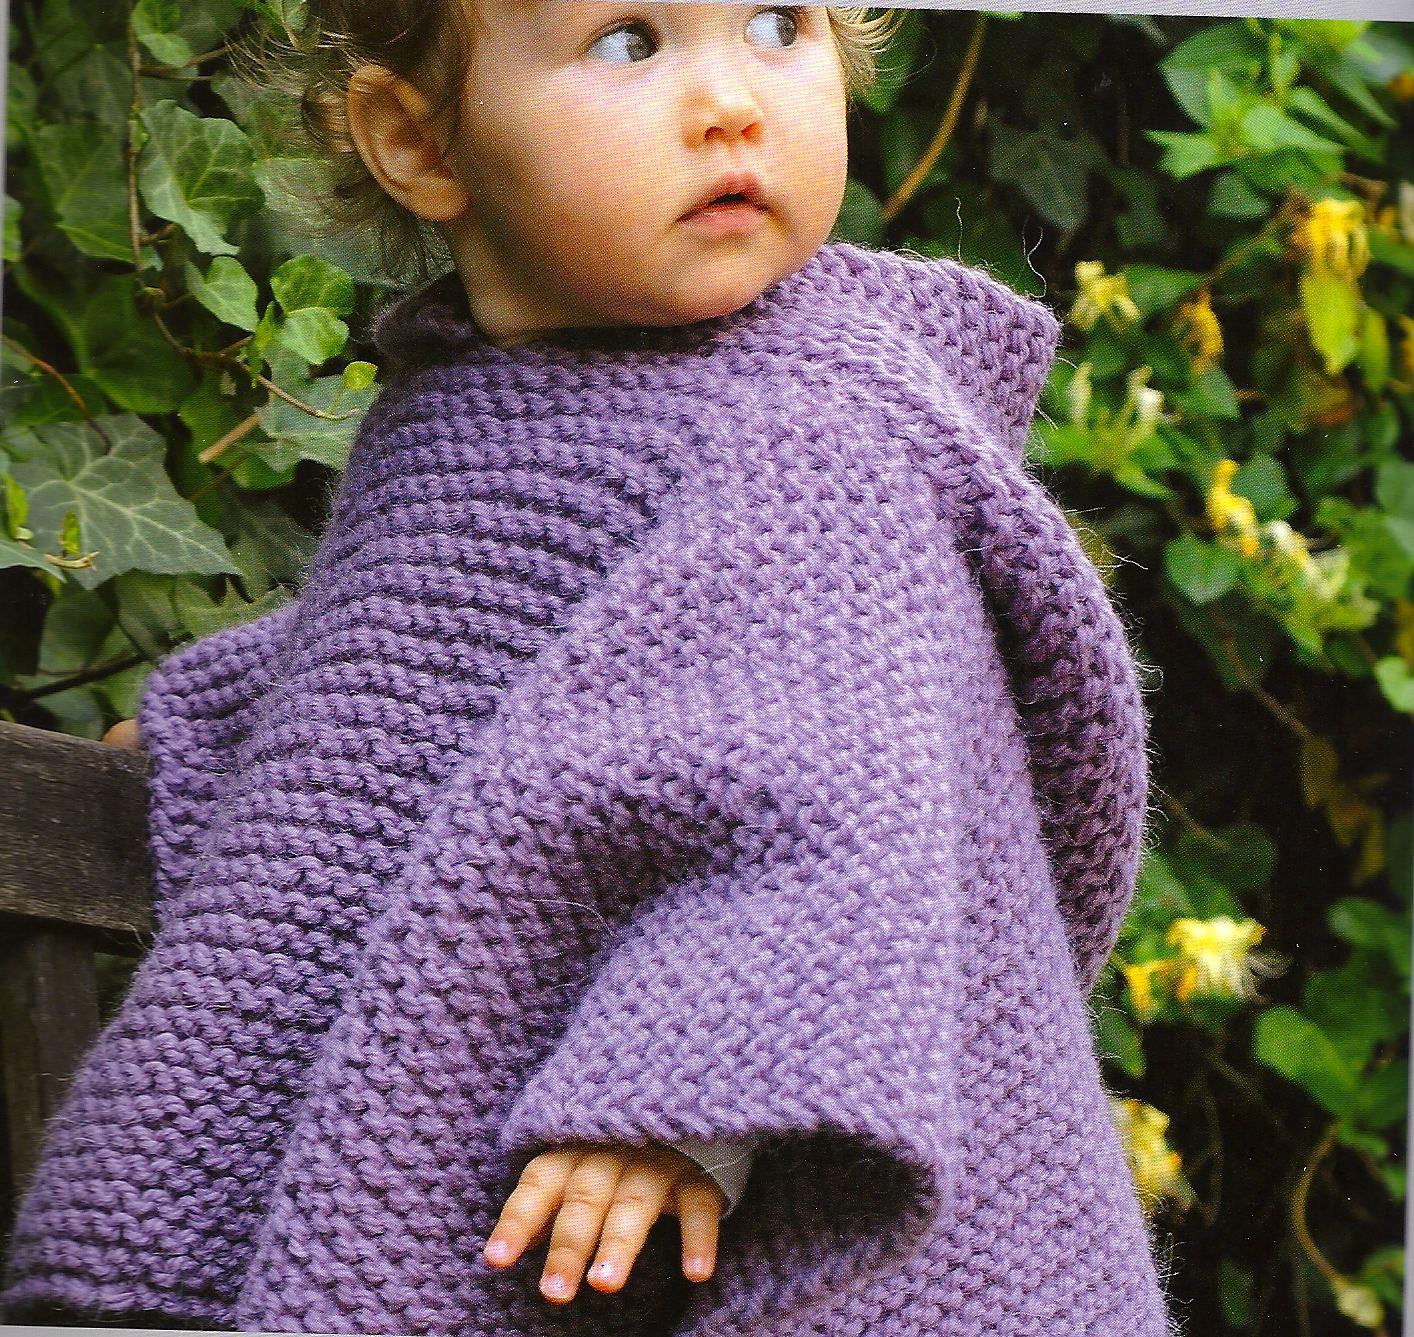 Poncho legaccio 6 12 18 mesi 2 anni la maglia di marica - Punto a punto per i bambini di 3 anni ...